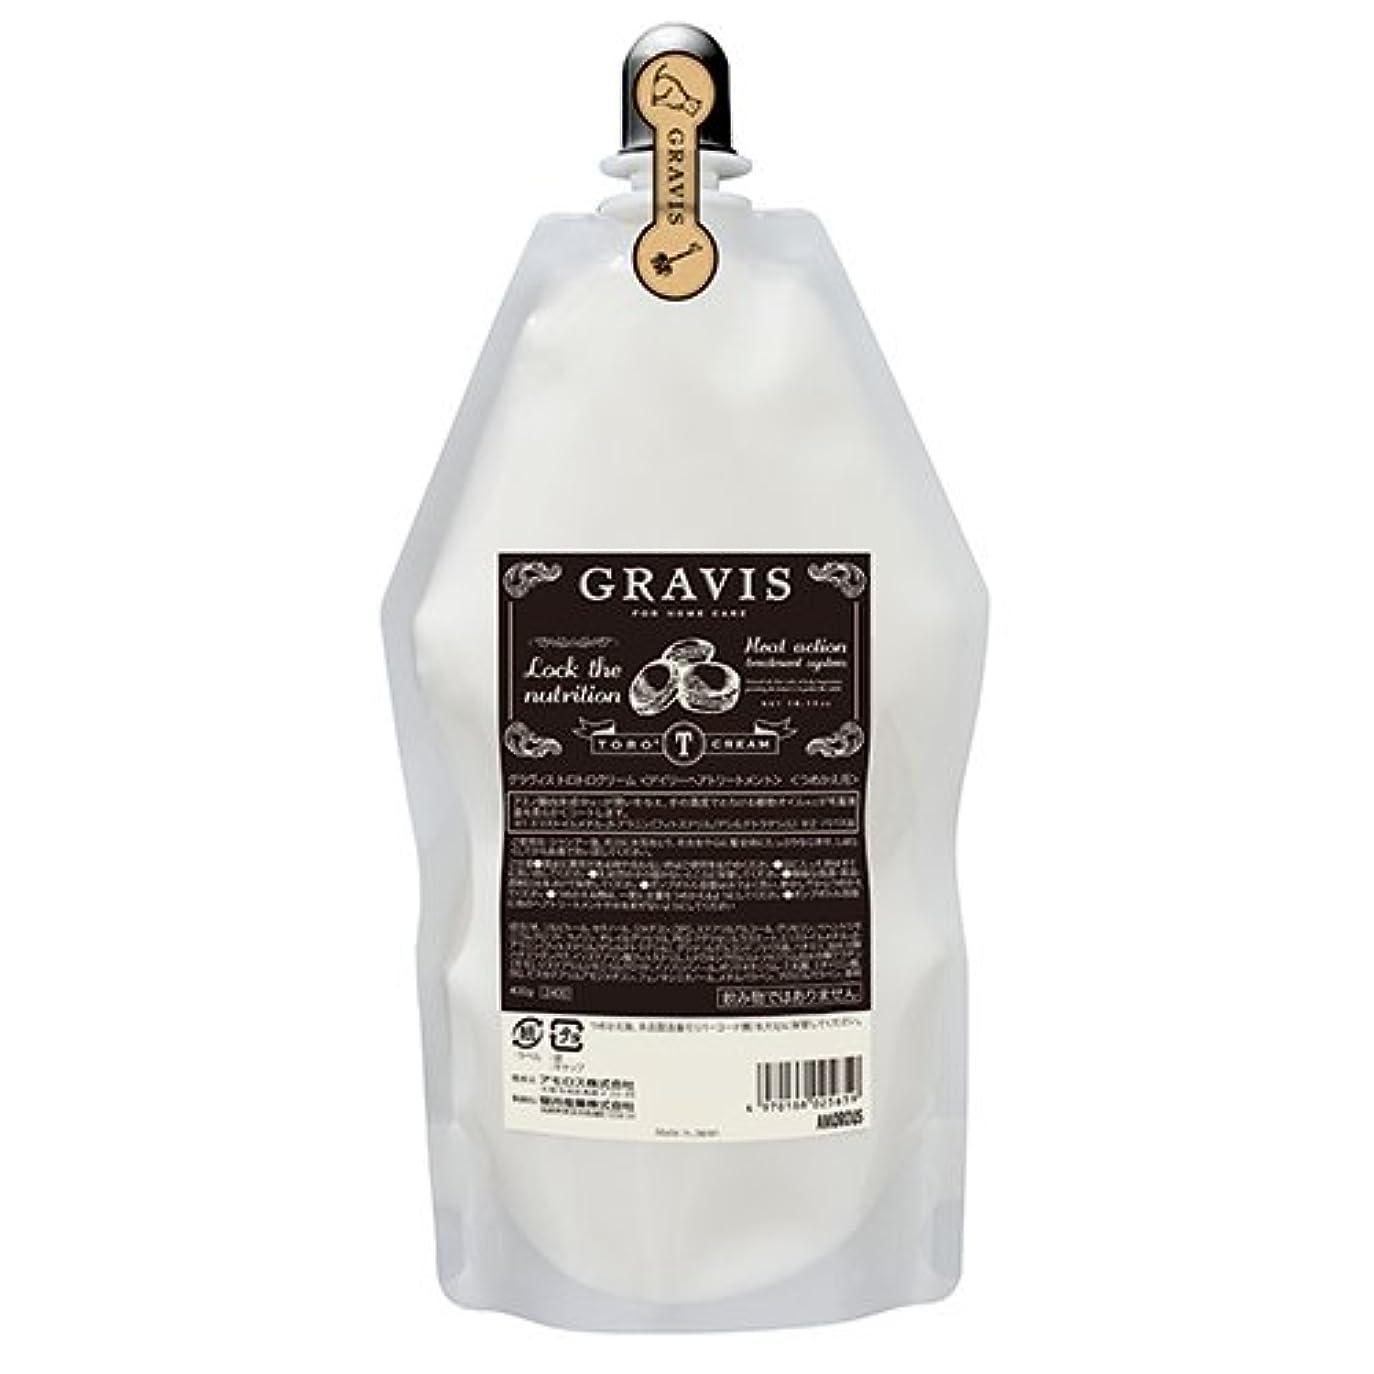 食品シールドジュースアモロス グラヴィス トロトロクリーム 400g レフィル